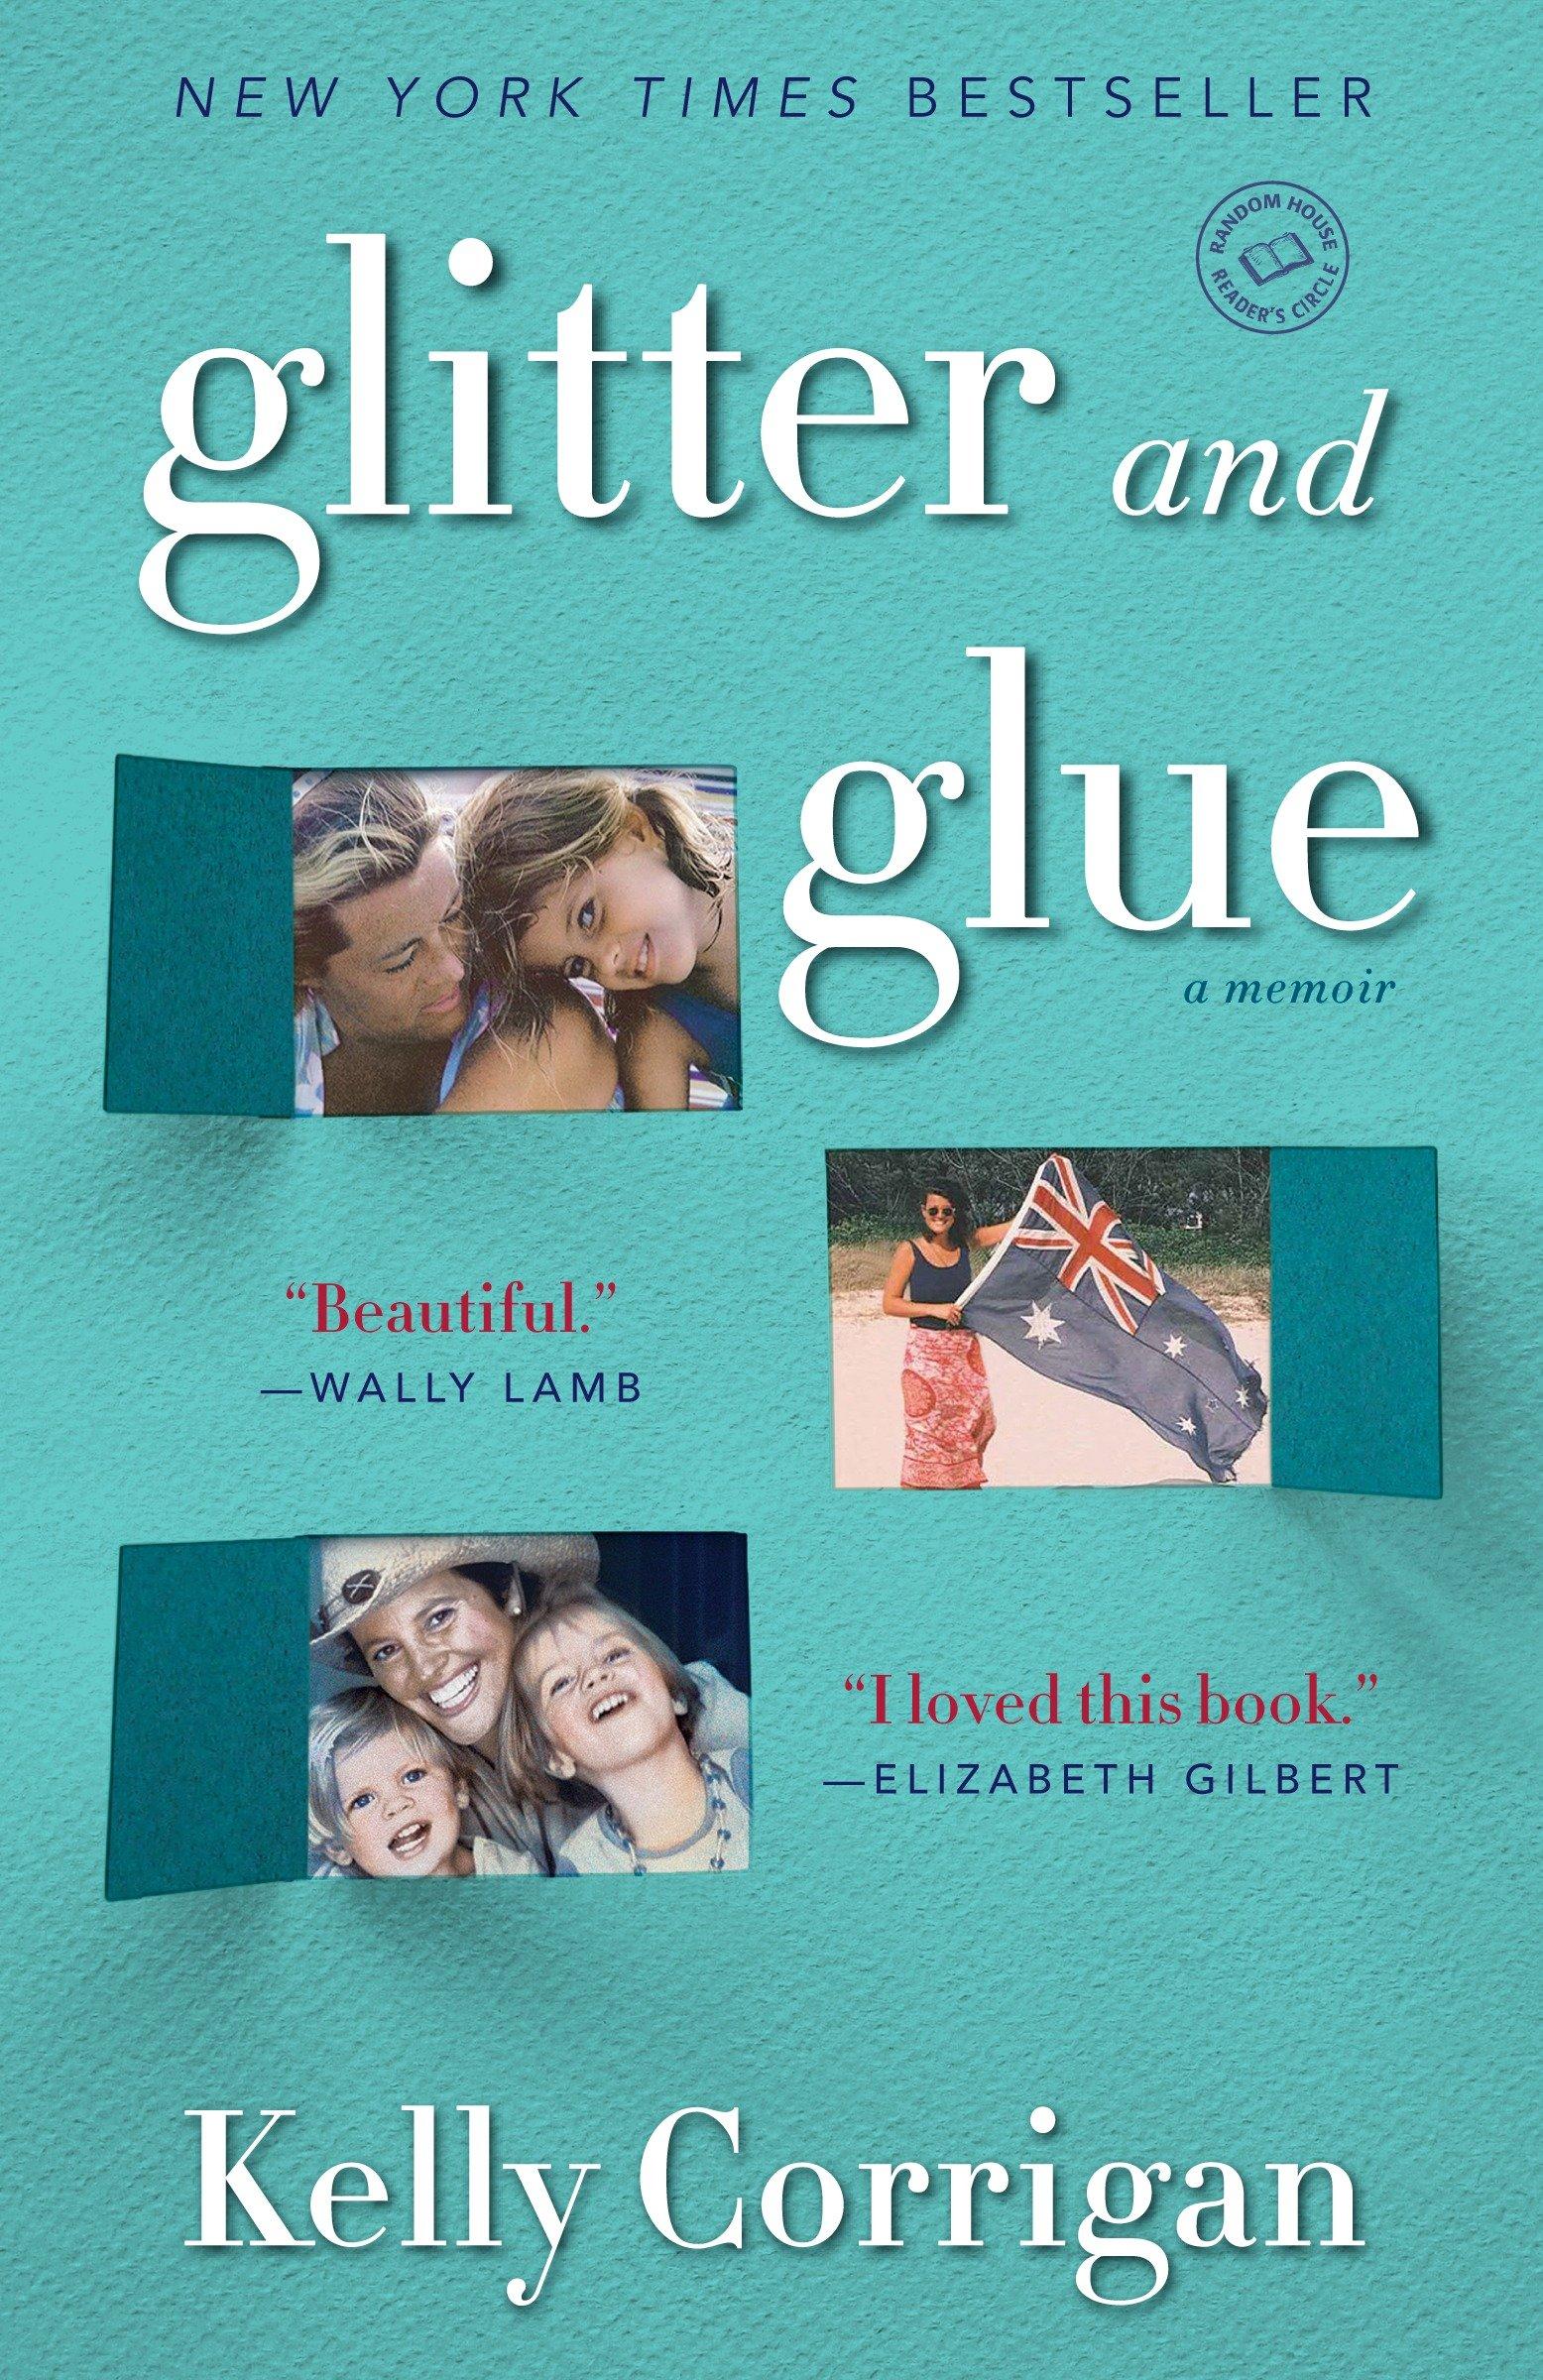 Glitter and glue a memoir